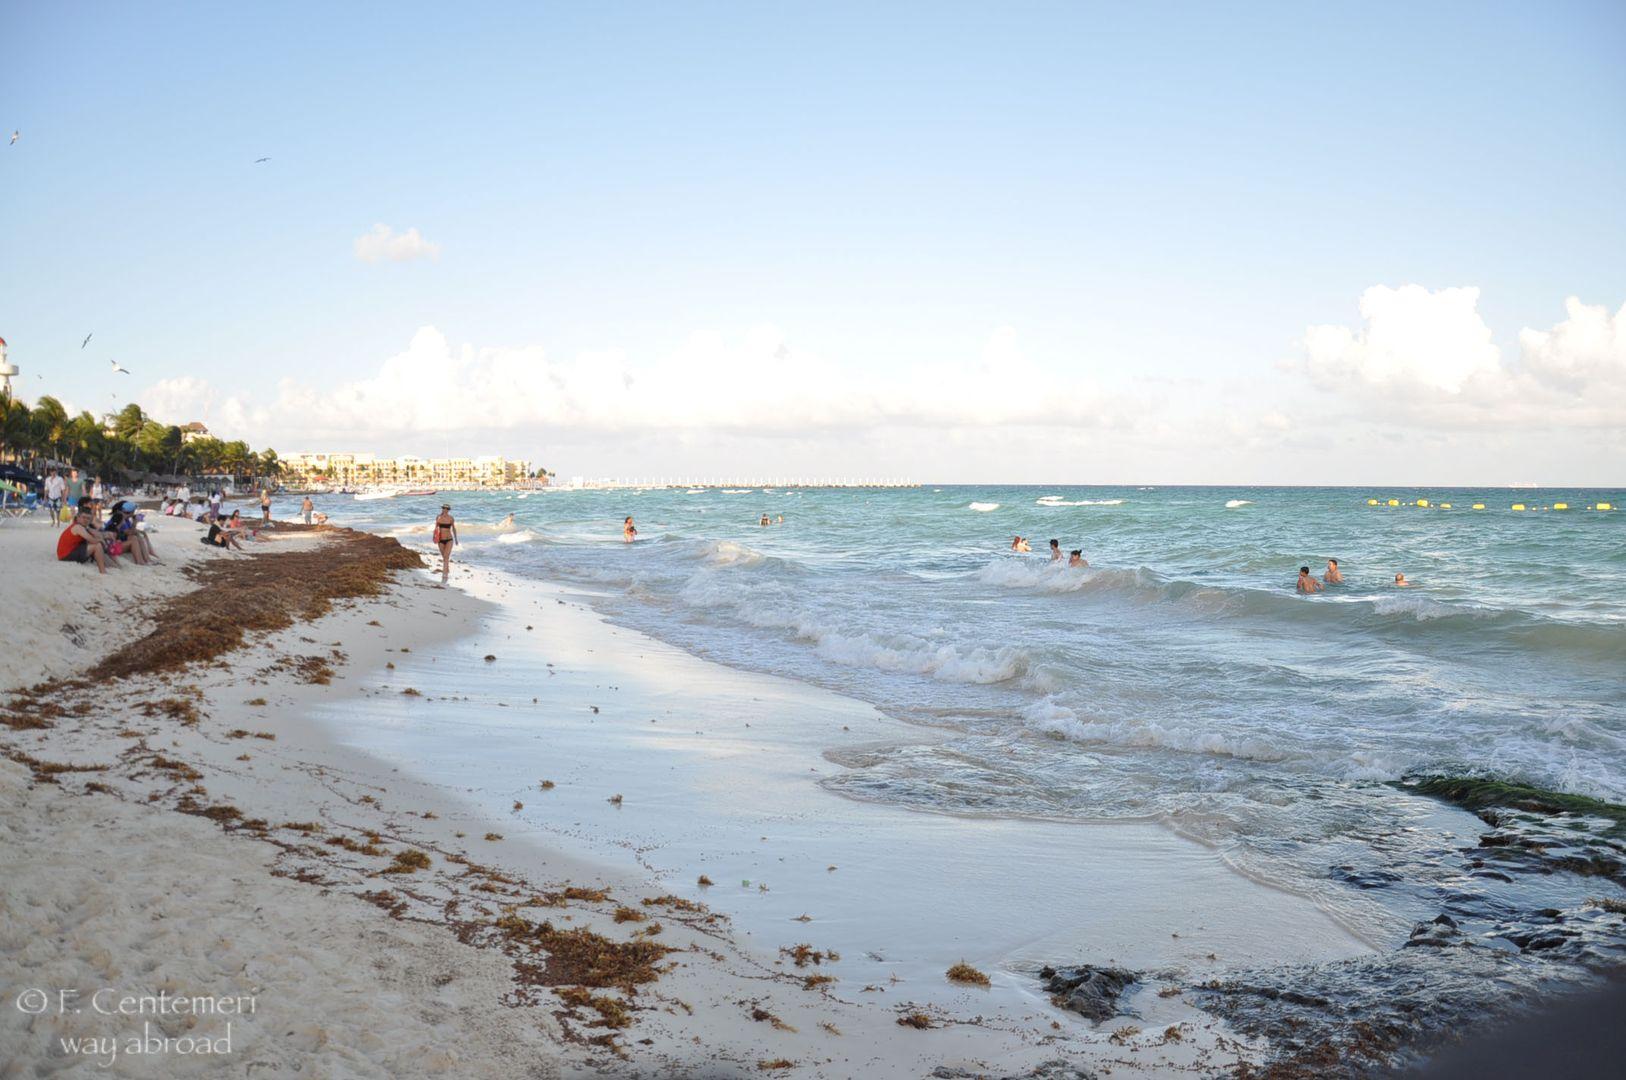 Le spiagge della Riviera Maya